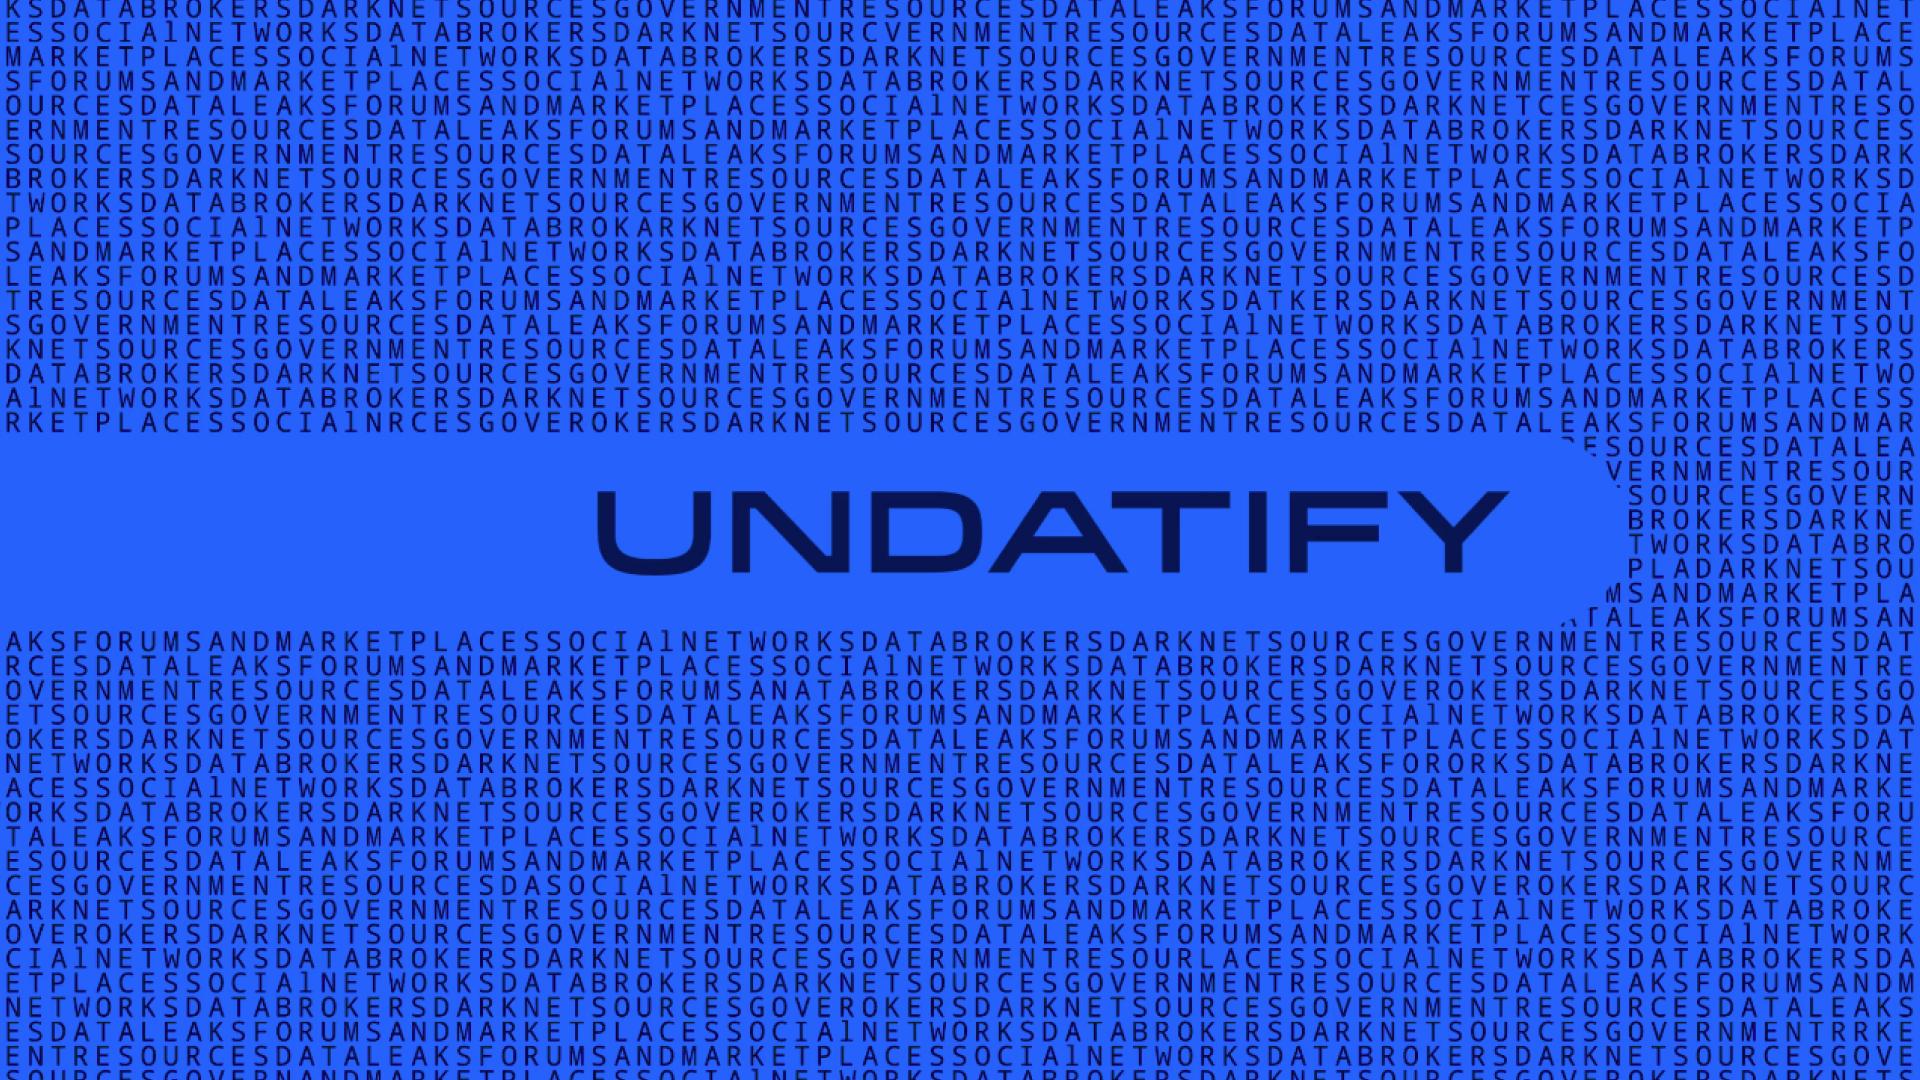 Брендинг сервиса по защите персональных данных Undatify